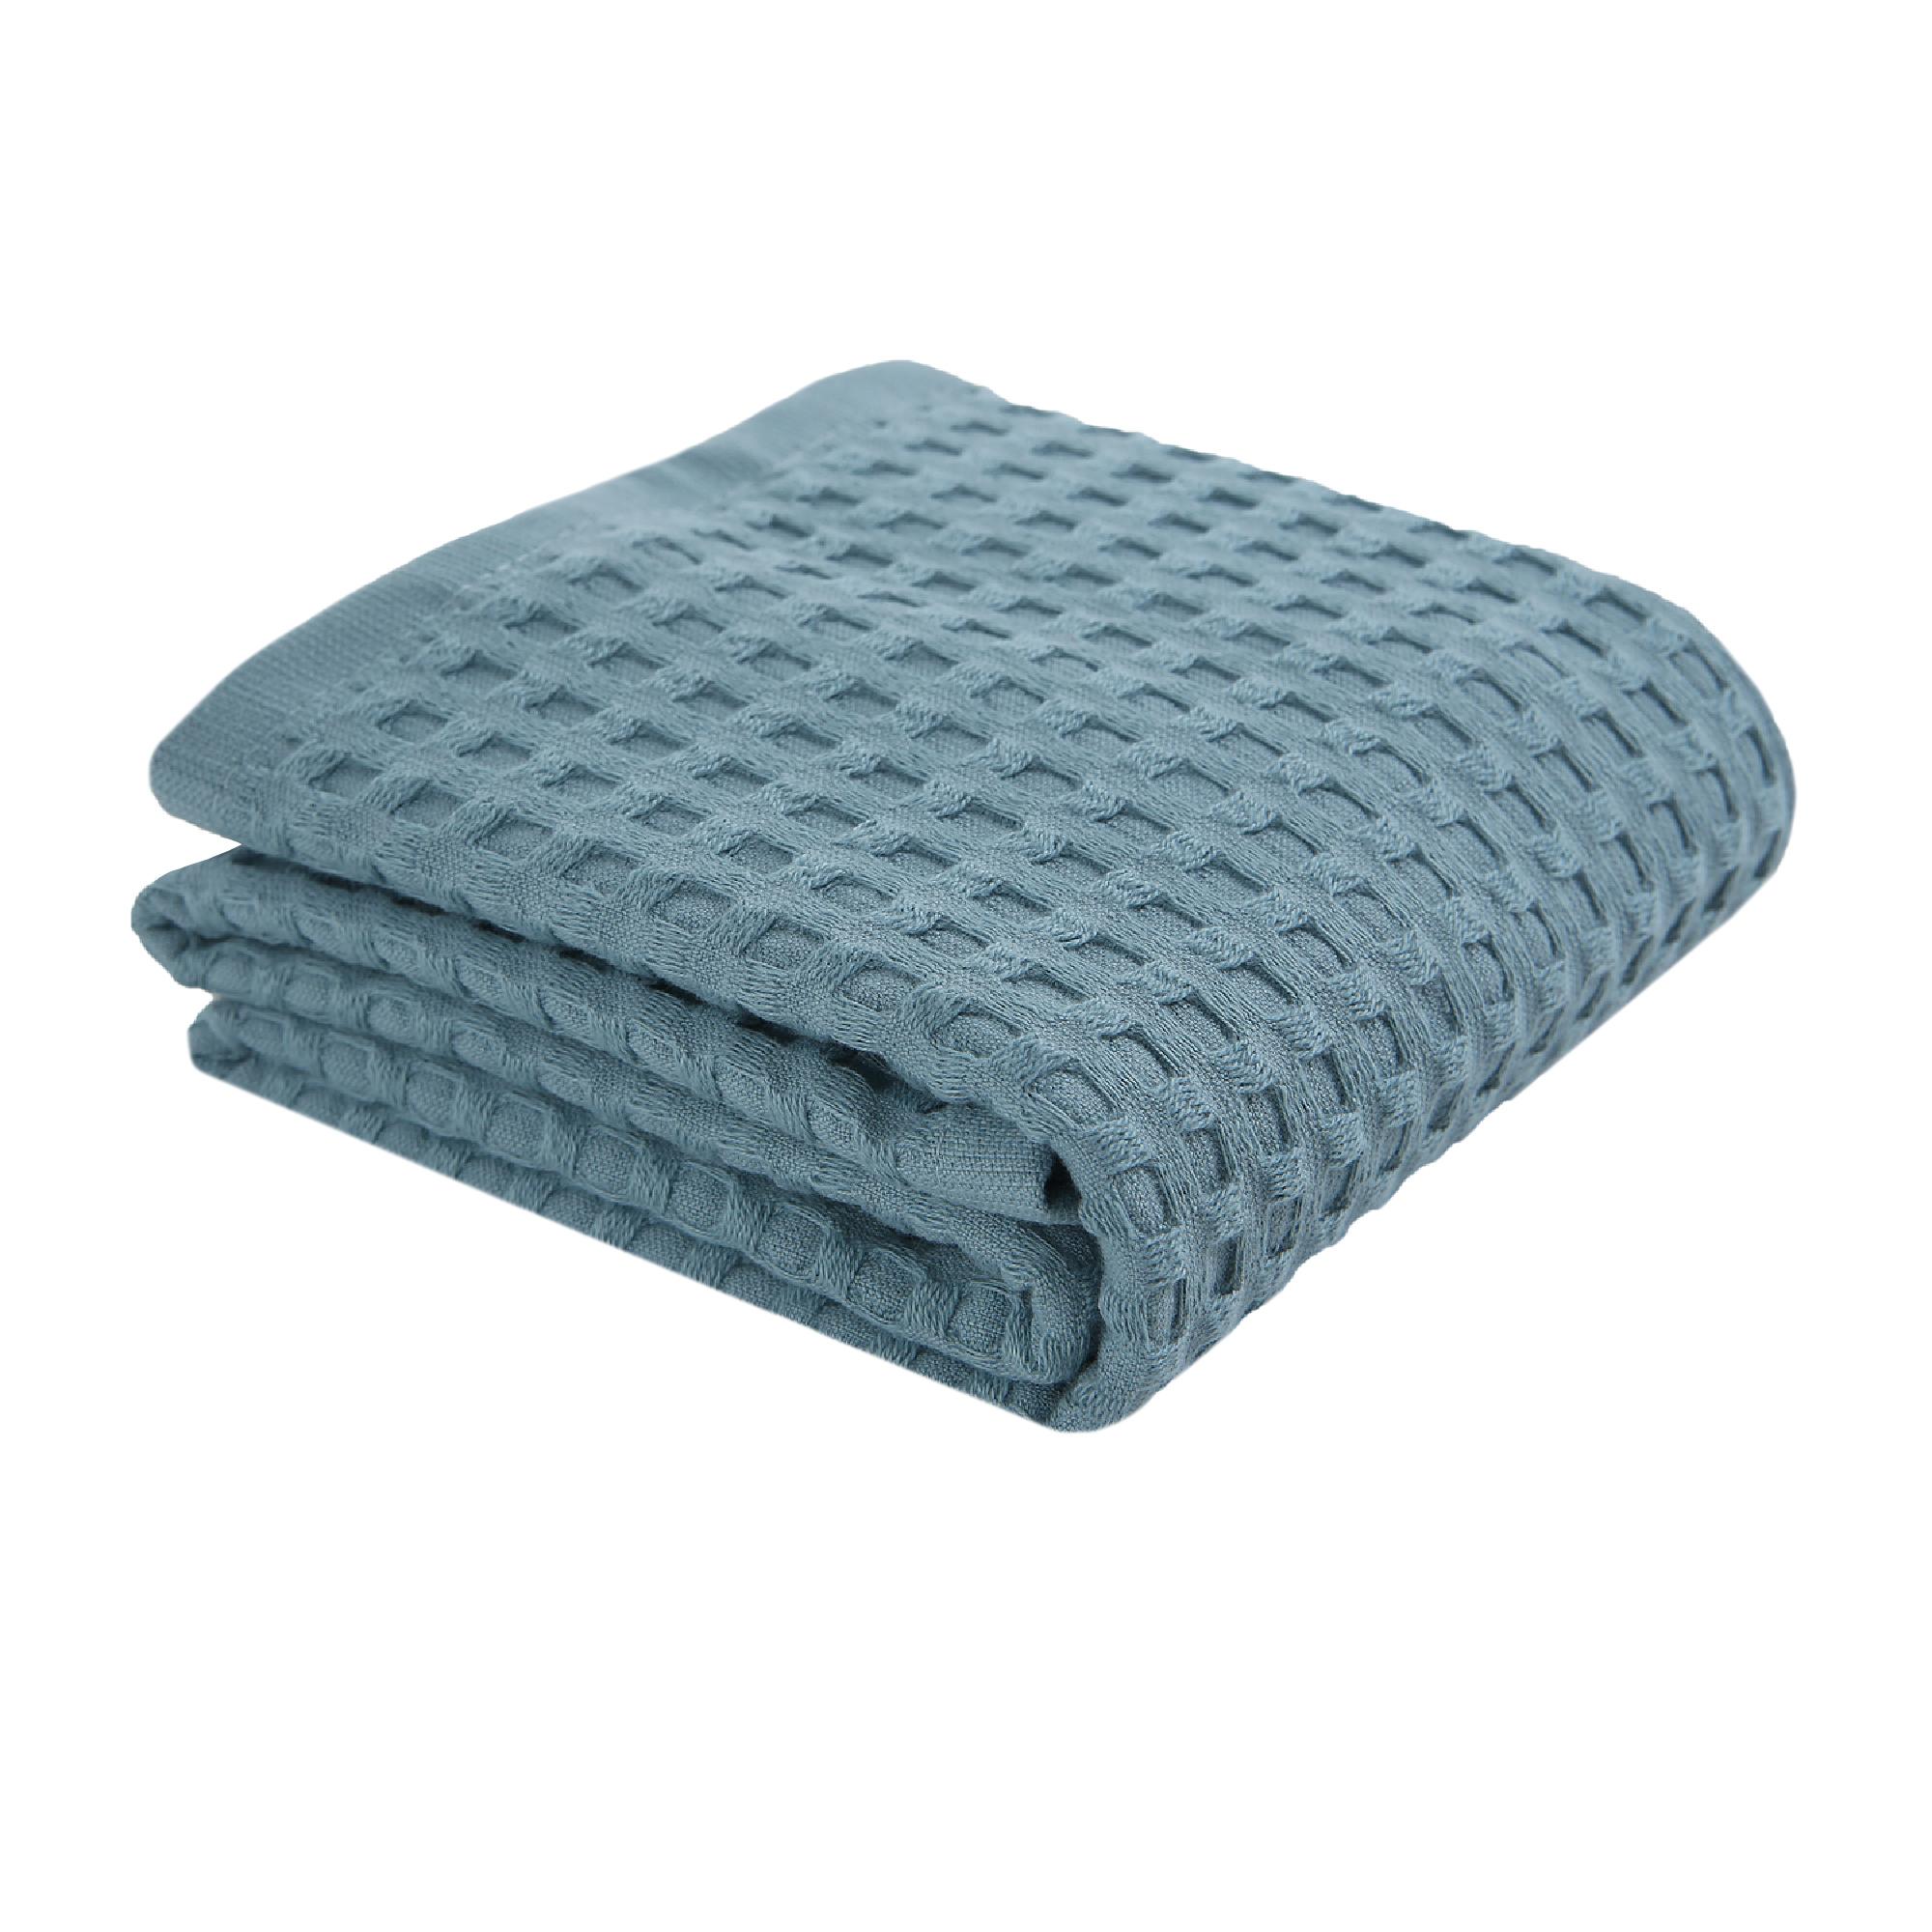 Полотенце Move Piquee 50x100 см голубой фото